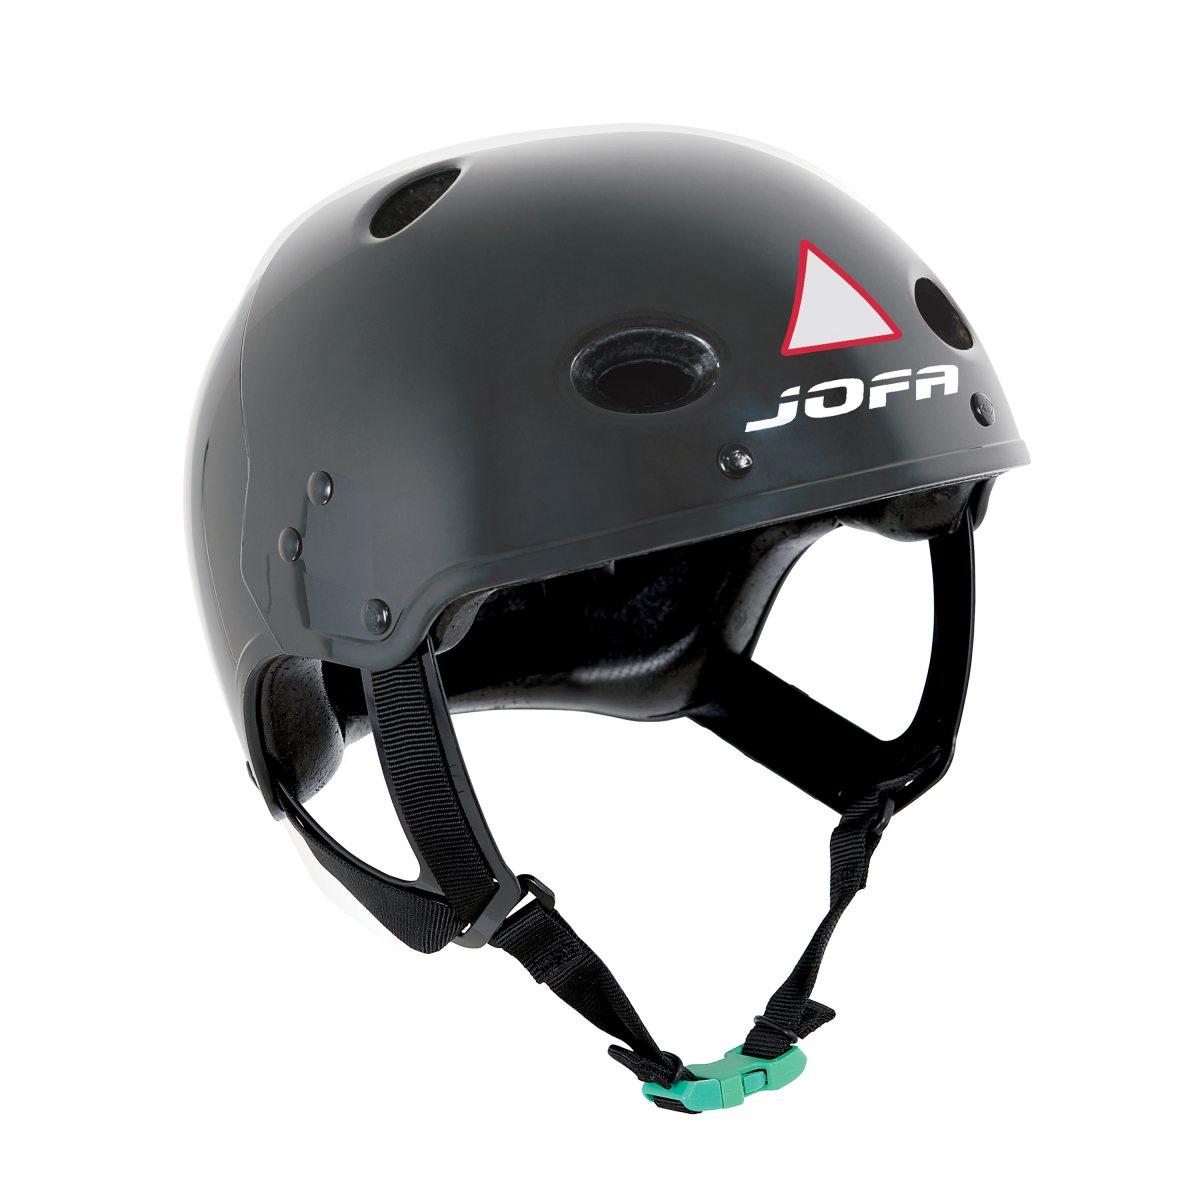 svart jofa ht415 s mulitsporthjälm junior hockeyhjälm af230a4e83495